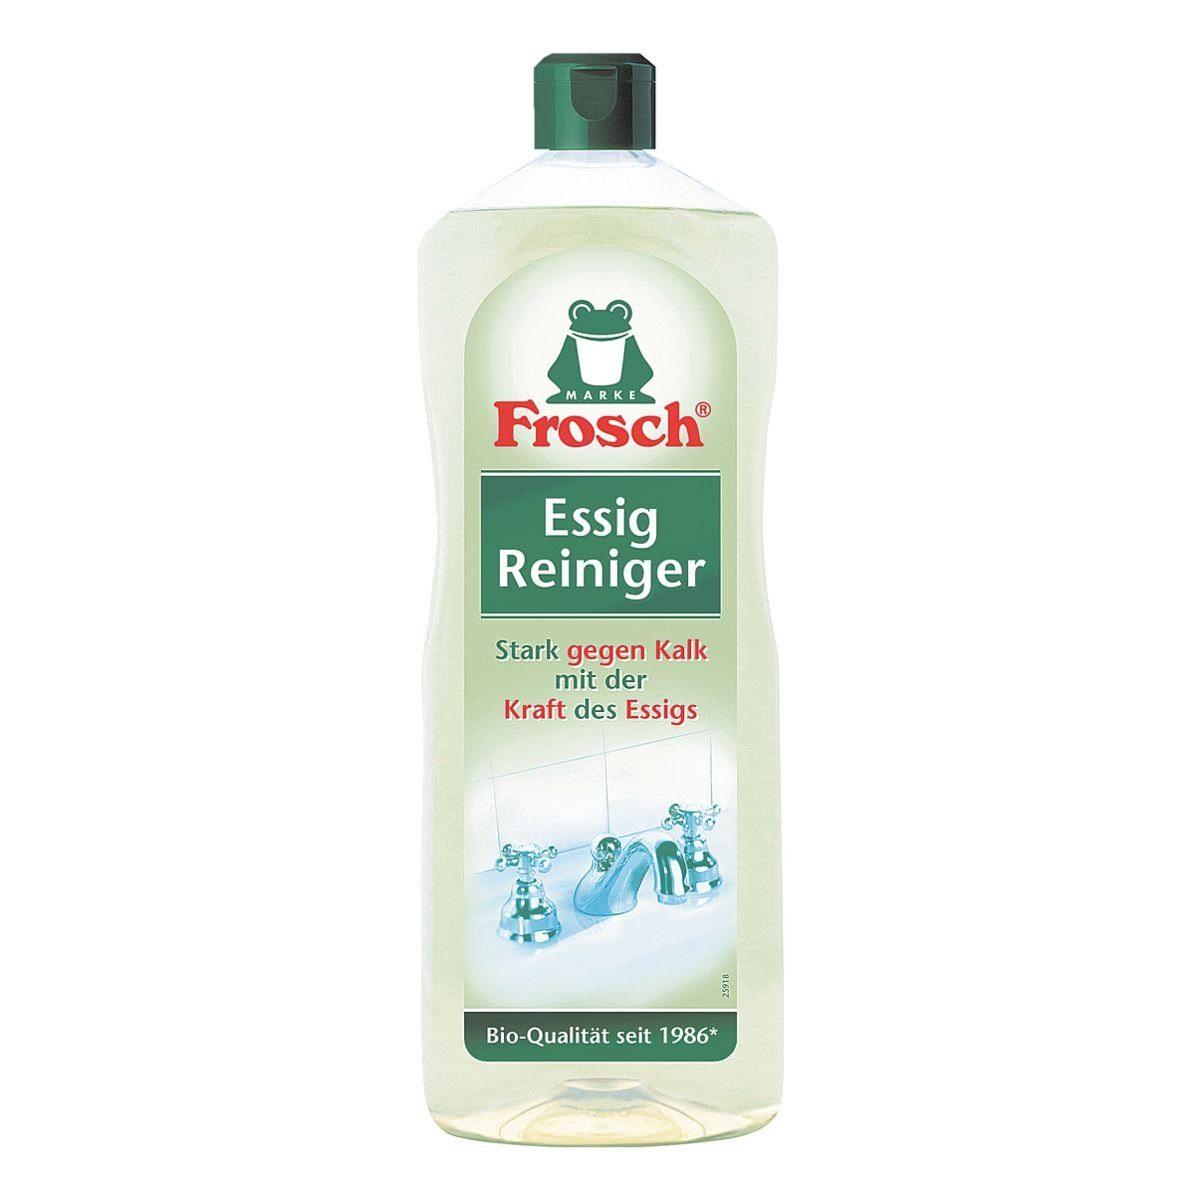 Frosch Essig-Reiniger